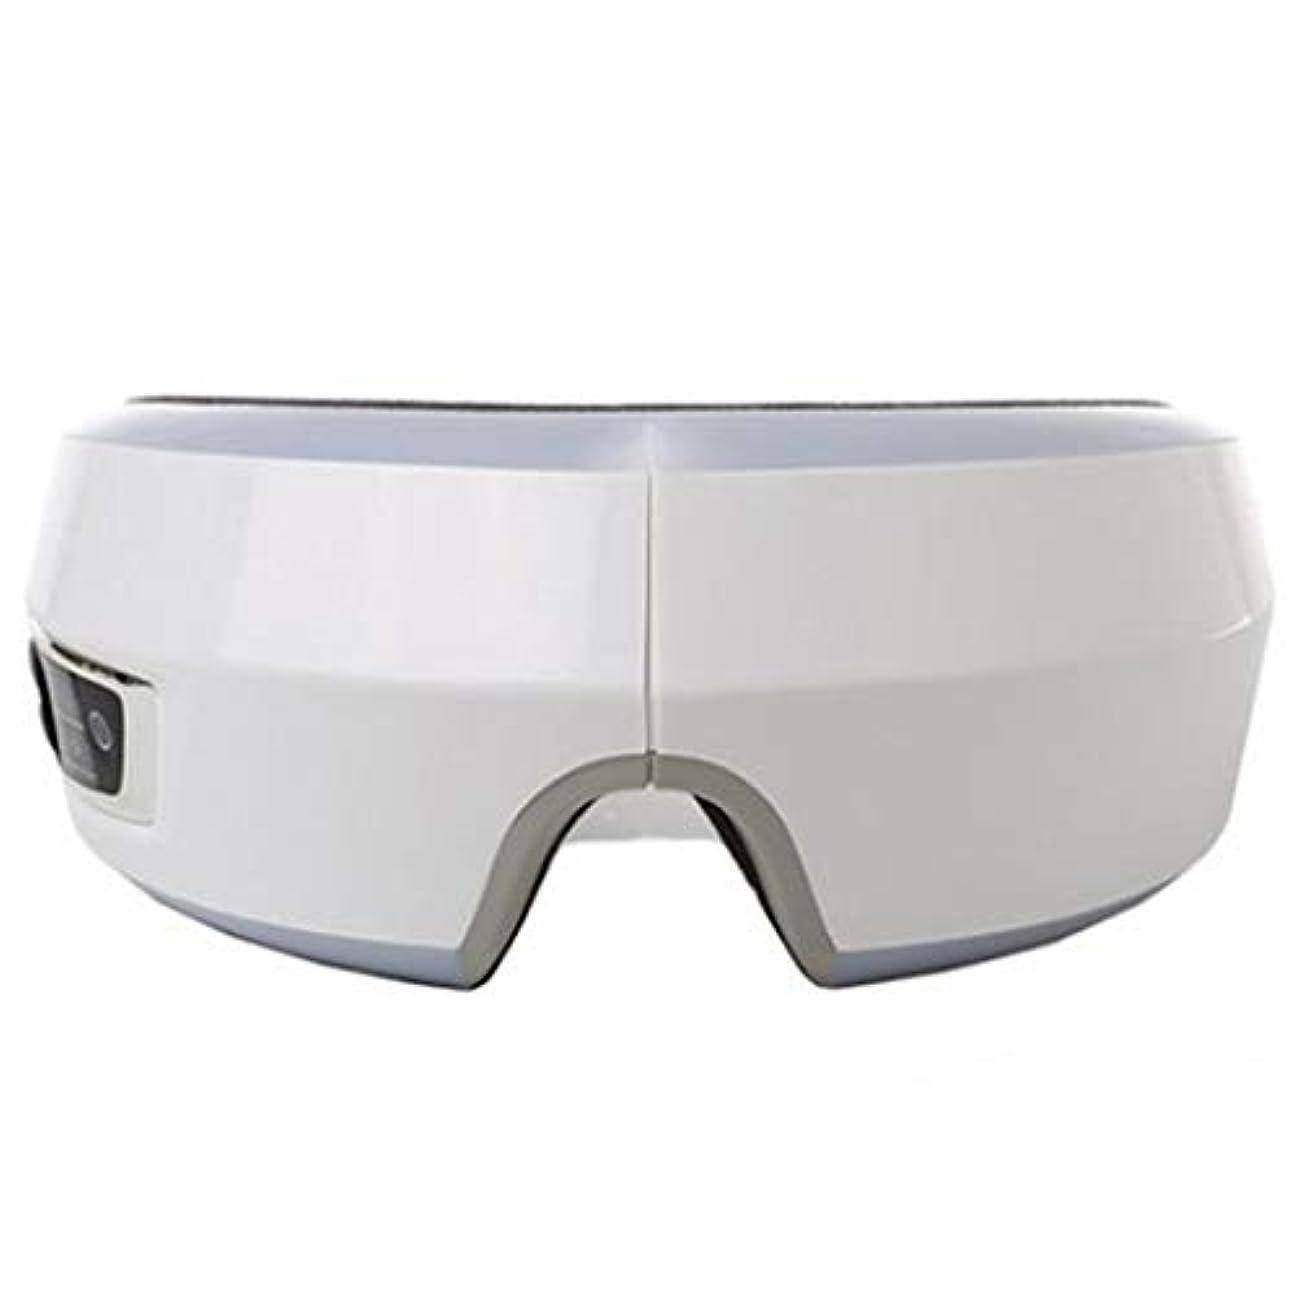 煩わしい恐れシーボードZESPAアイヒーリングソリューションアイマッサージャー振動加熱マッサージ音楽機能ZP441 ZESPA Eye Healing Solution Eye Massager Vibration Heating Massage...